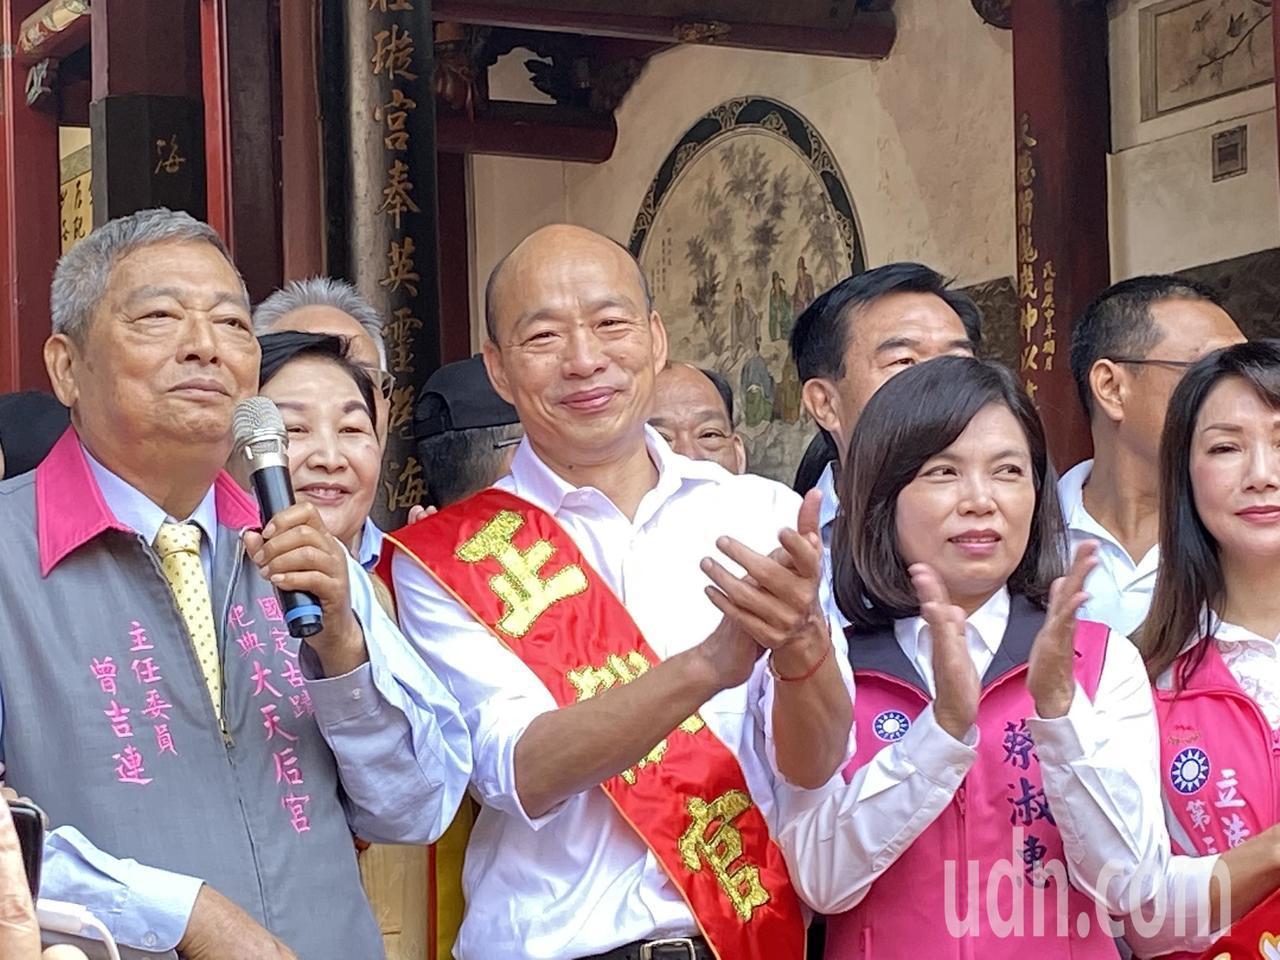 韓國瑜今天到台南市全台祀典大天后宮參拜。記者鄭維真/攝影